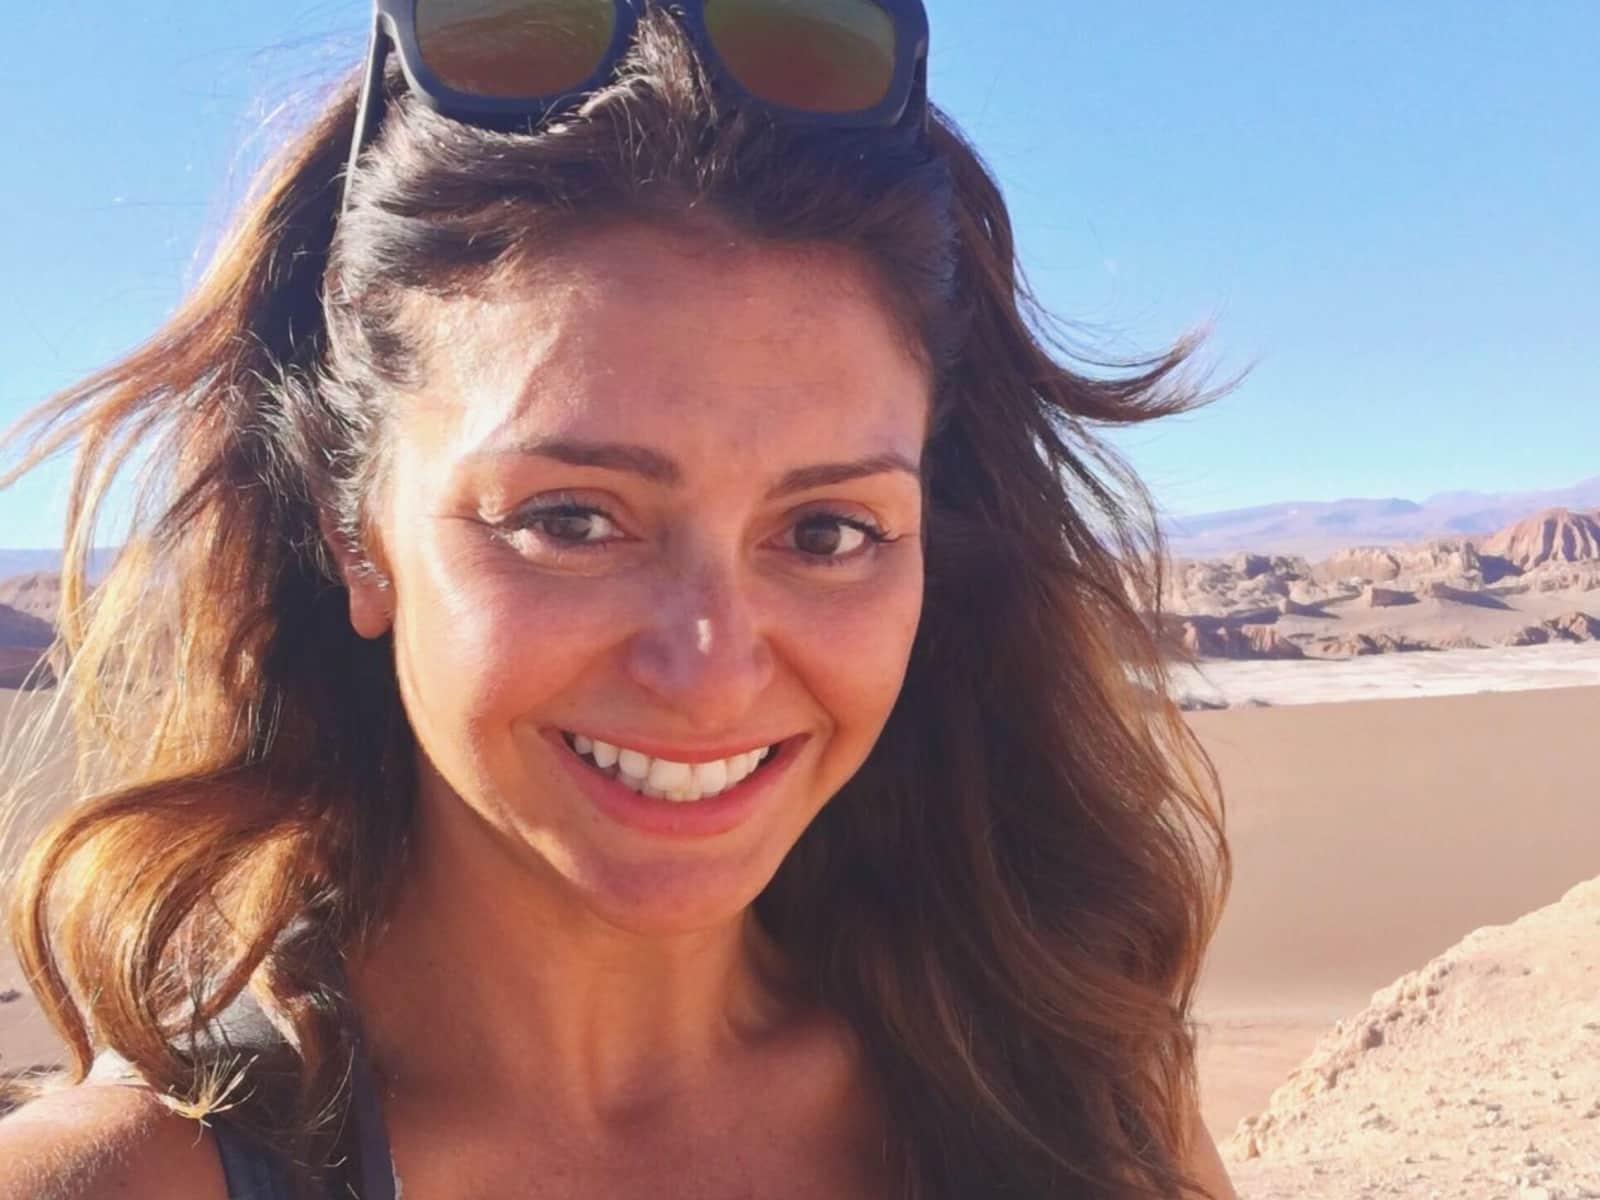 Tatiana from Denver, Colorado, United States